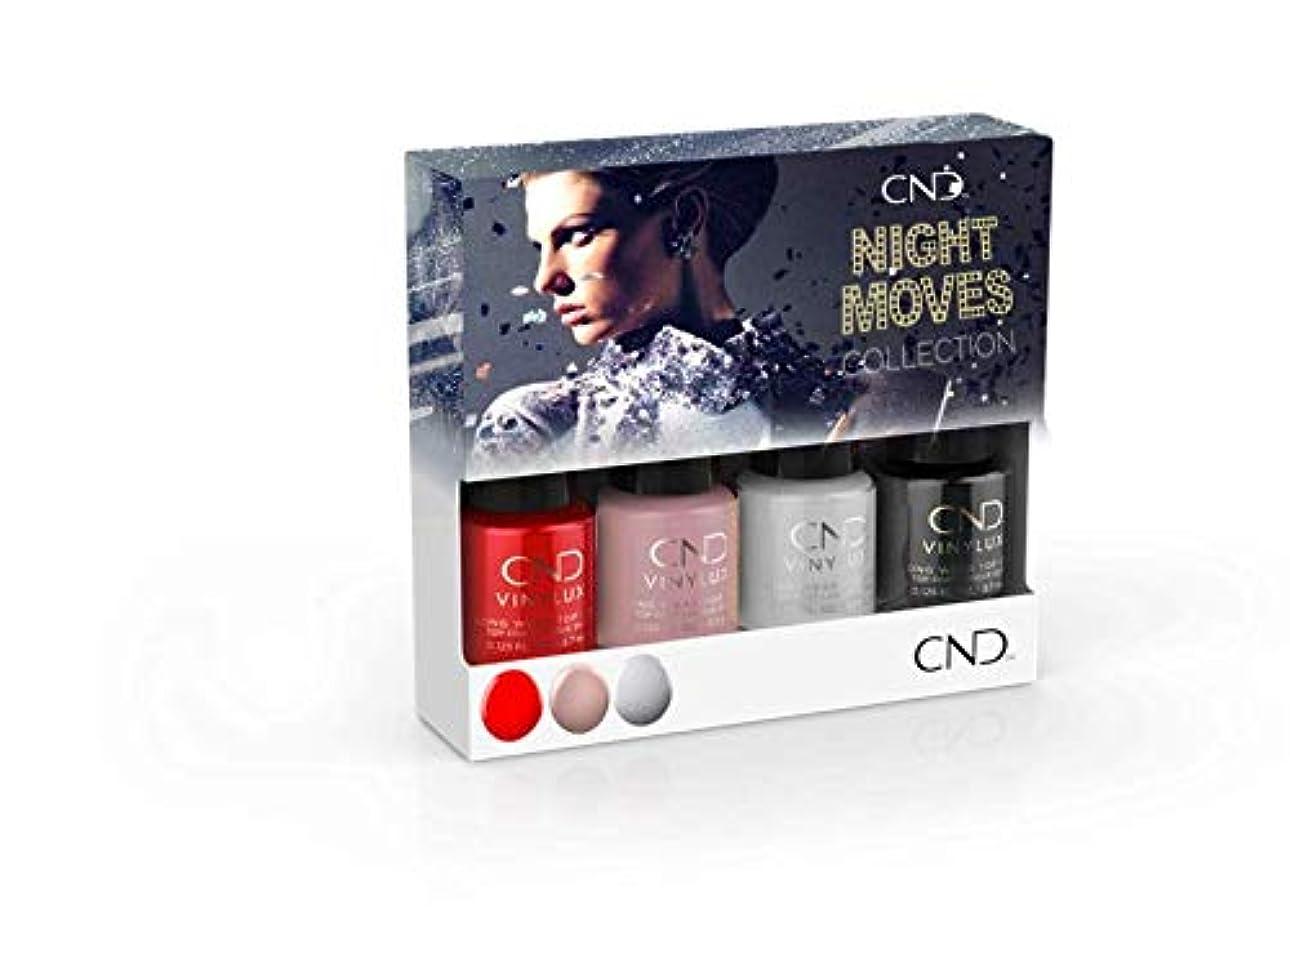 社交的ヒップマリンCND Vinylux - Night Moves The Collection - Mini 4pk - 3.7 mL / 0.125 oz